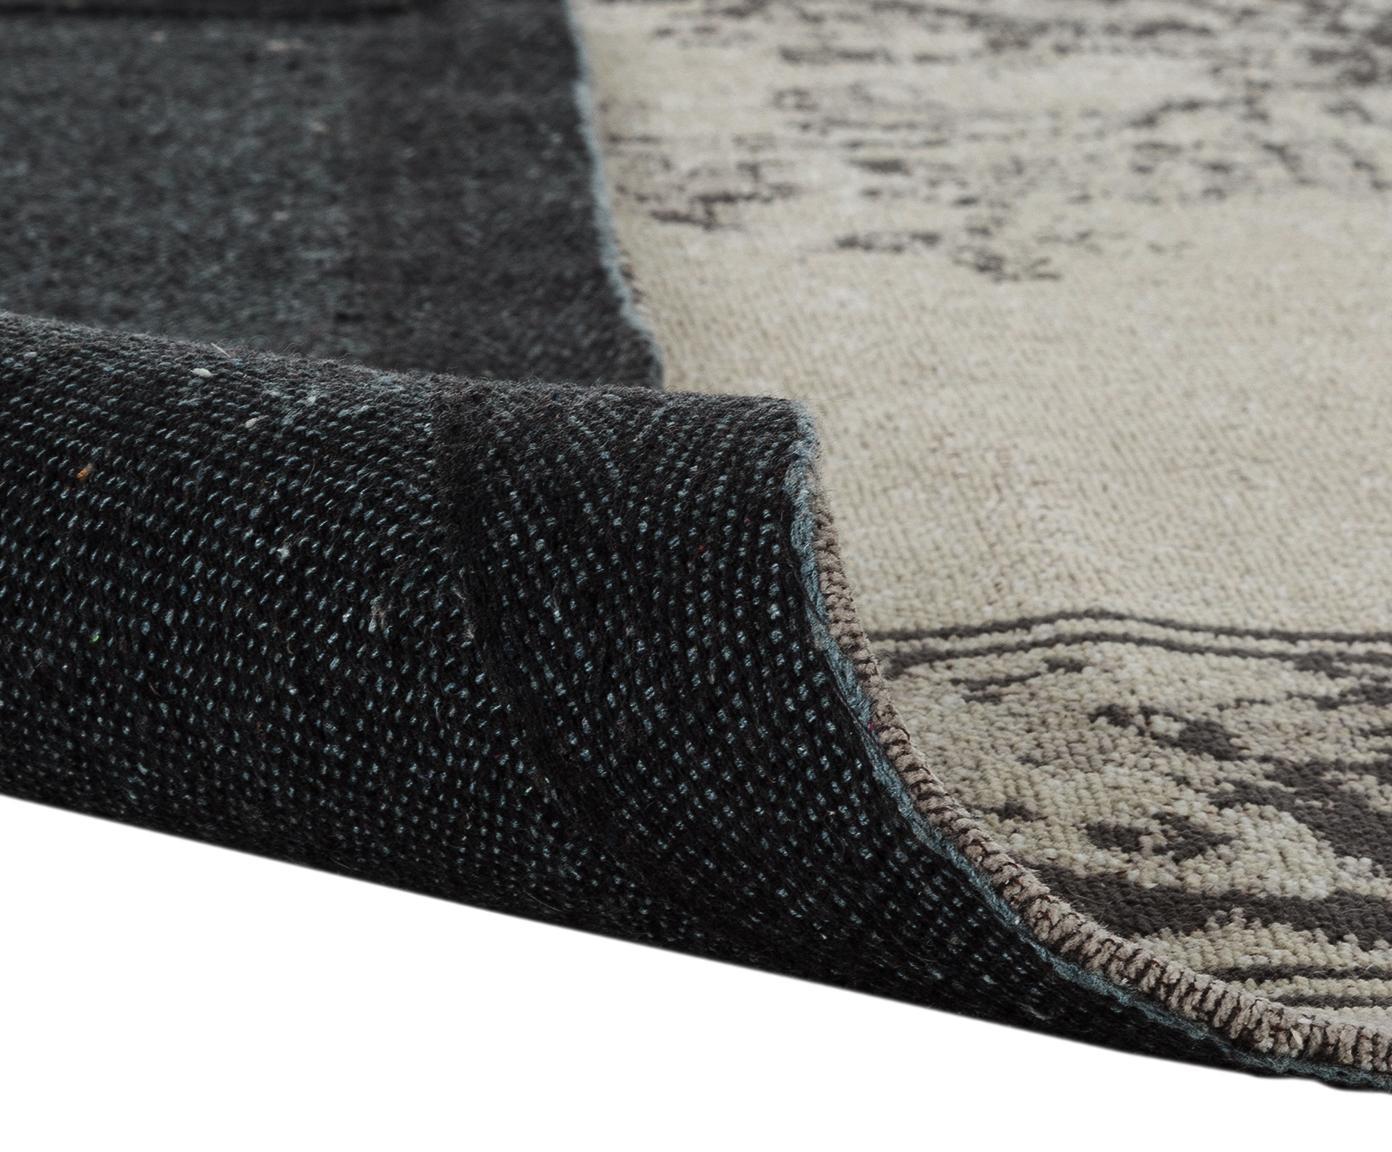 Dywan szenilowy Touch, Szary, D 180 x S 120 cm